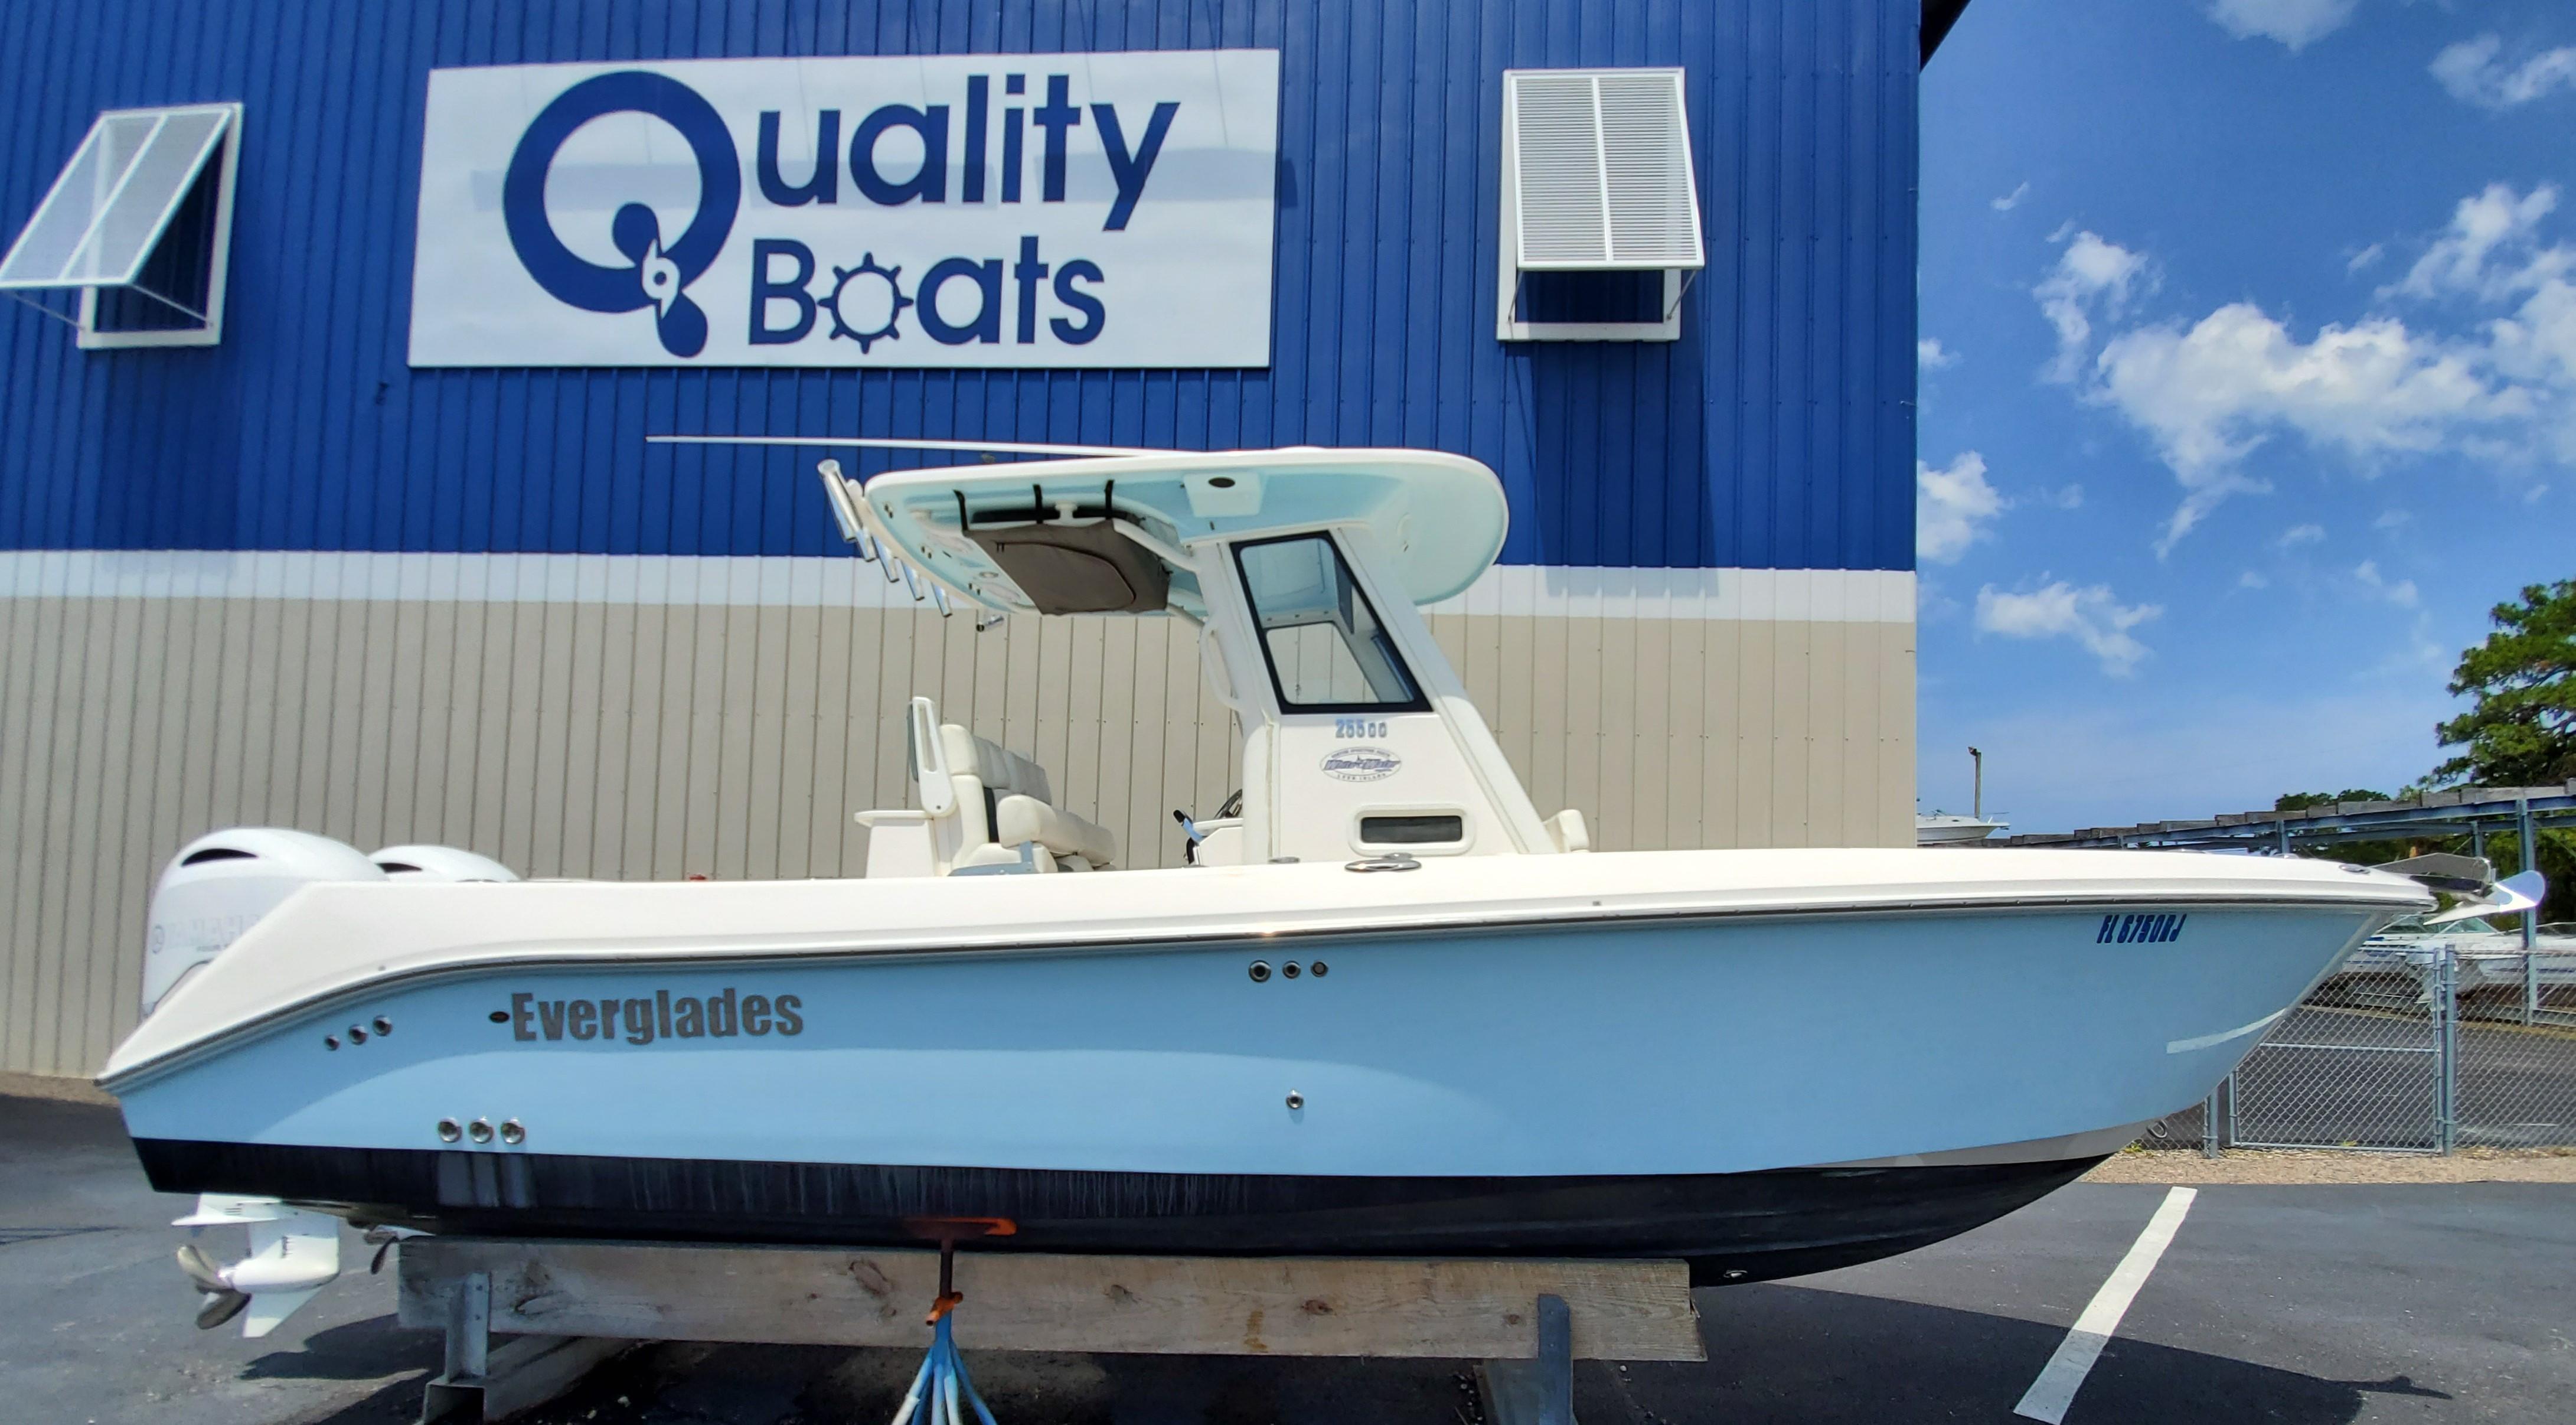 2014 Everglades 255CC, Englewood Florida - boats.com